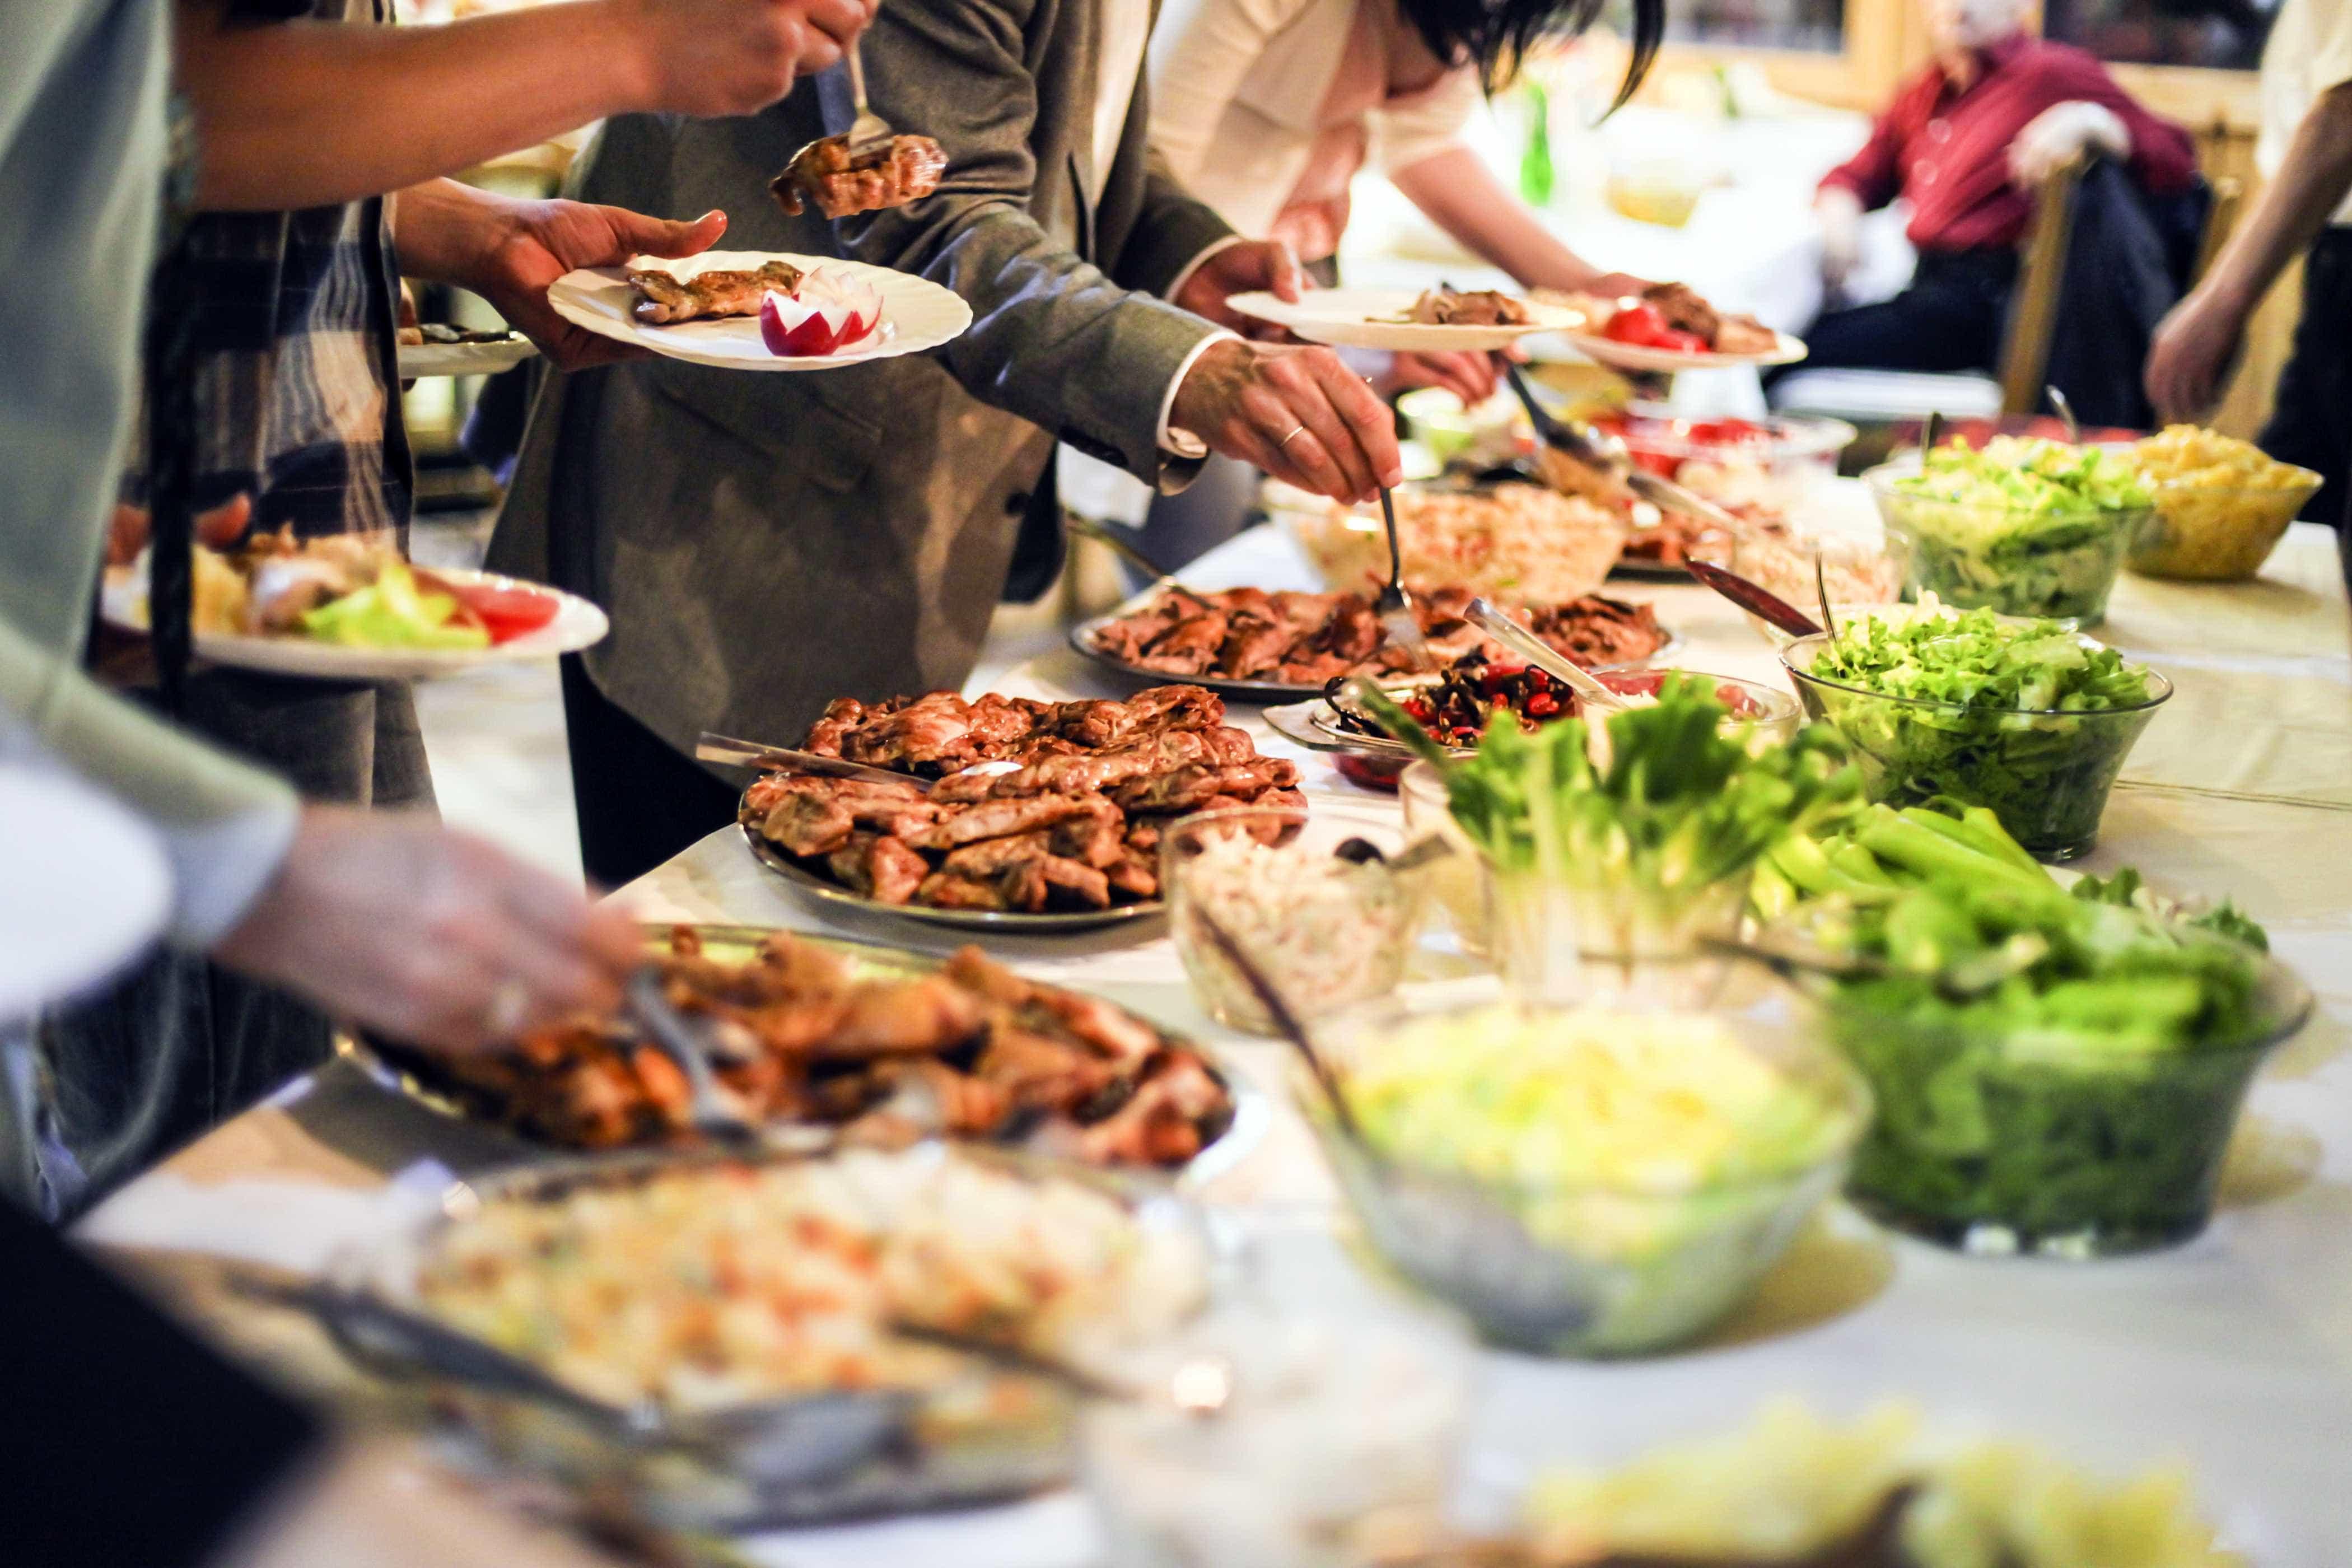 Dieta irregular pode aumentar risco de morte por ataque cardíaco